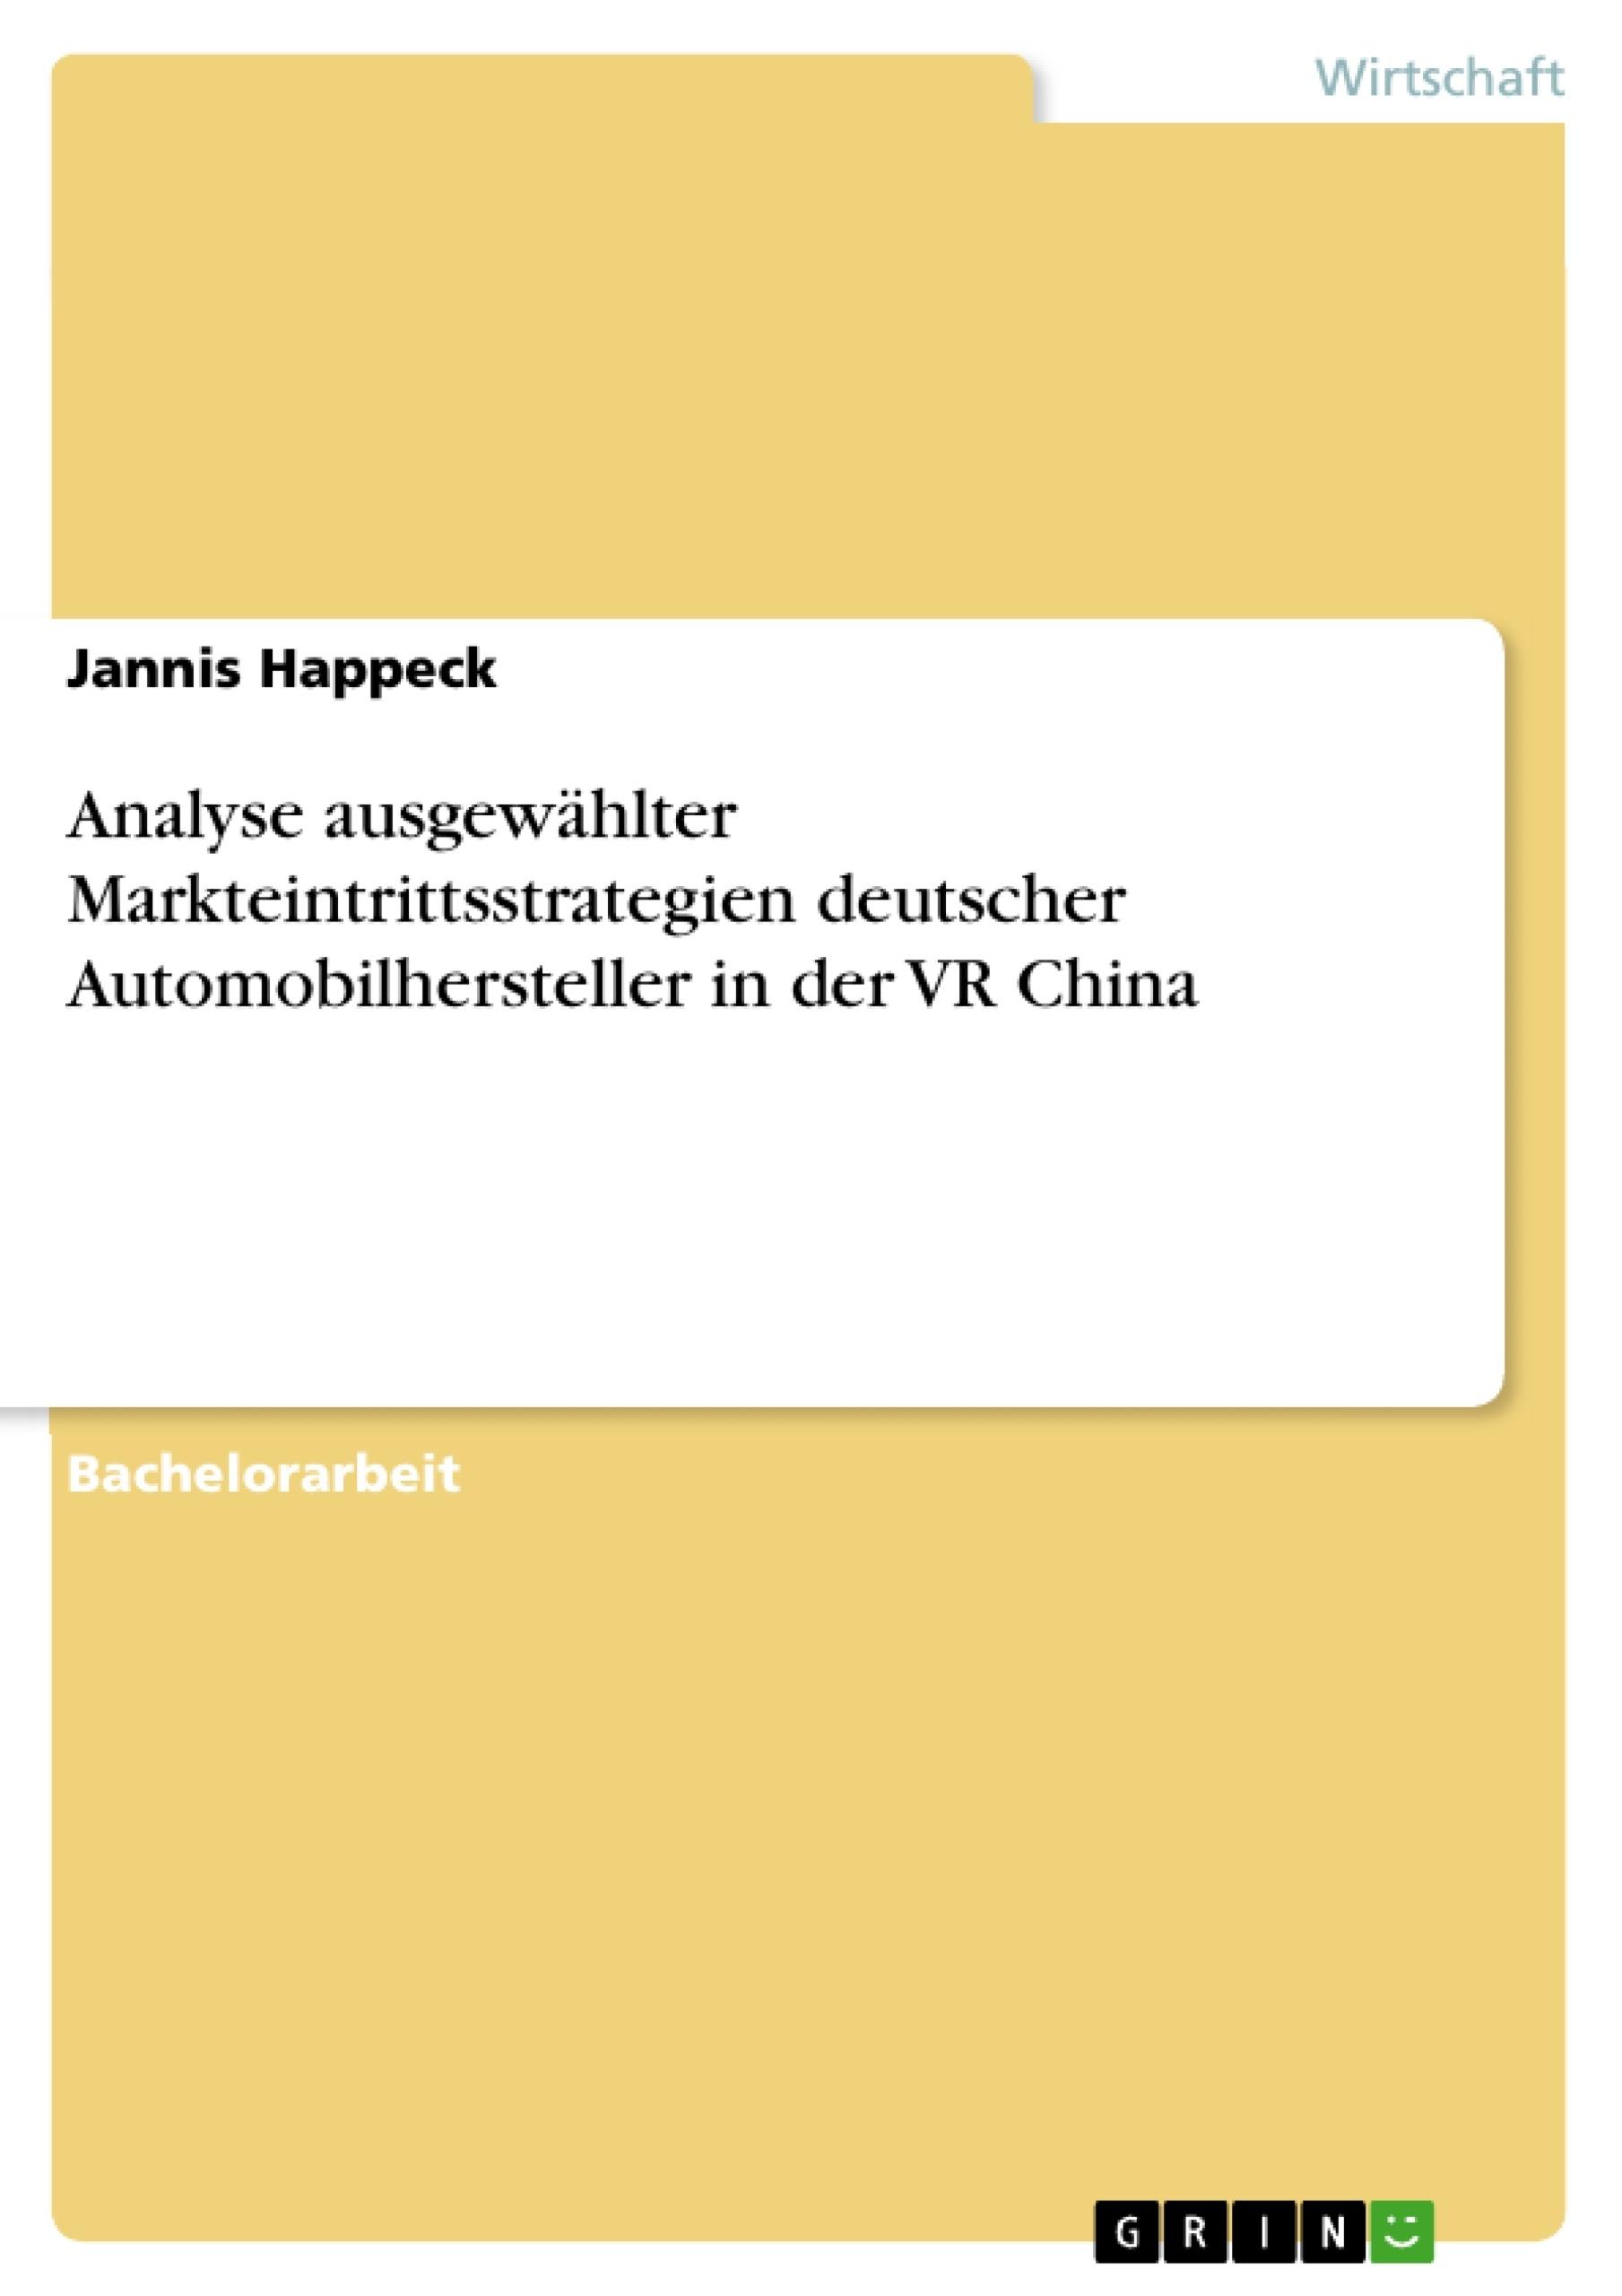 Titel: Analyse ausgewählter Markteintrittsstrategien deutscher Automobilhersteller in der VR China